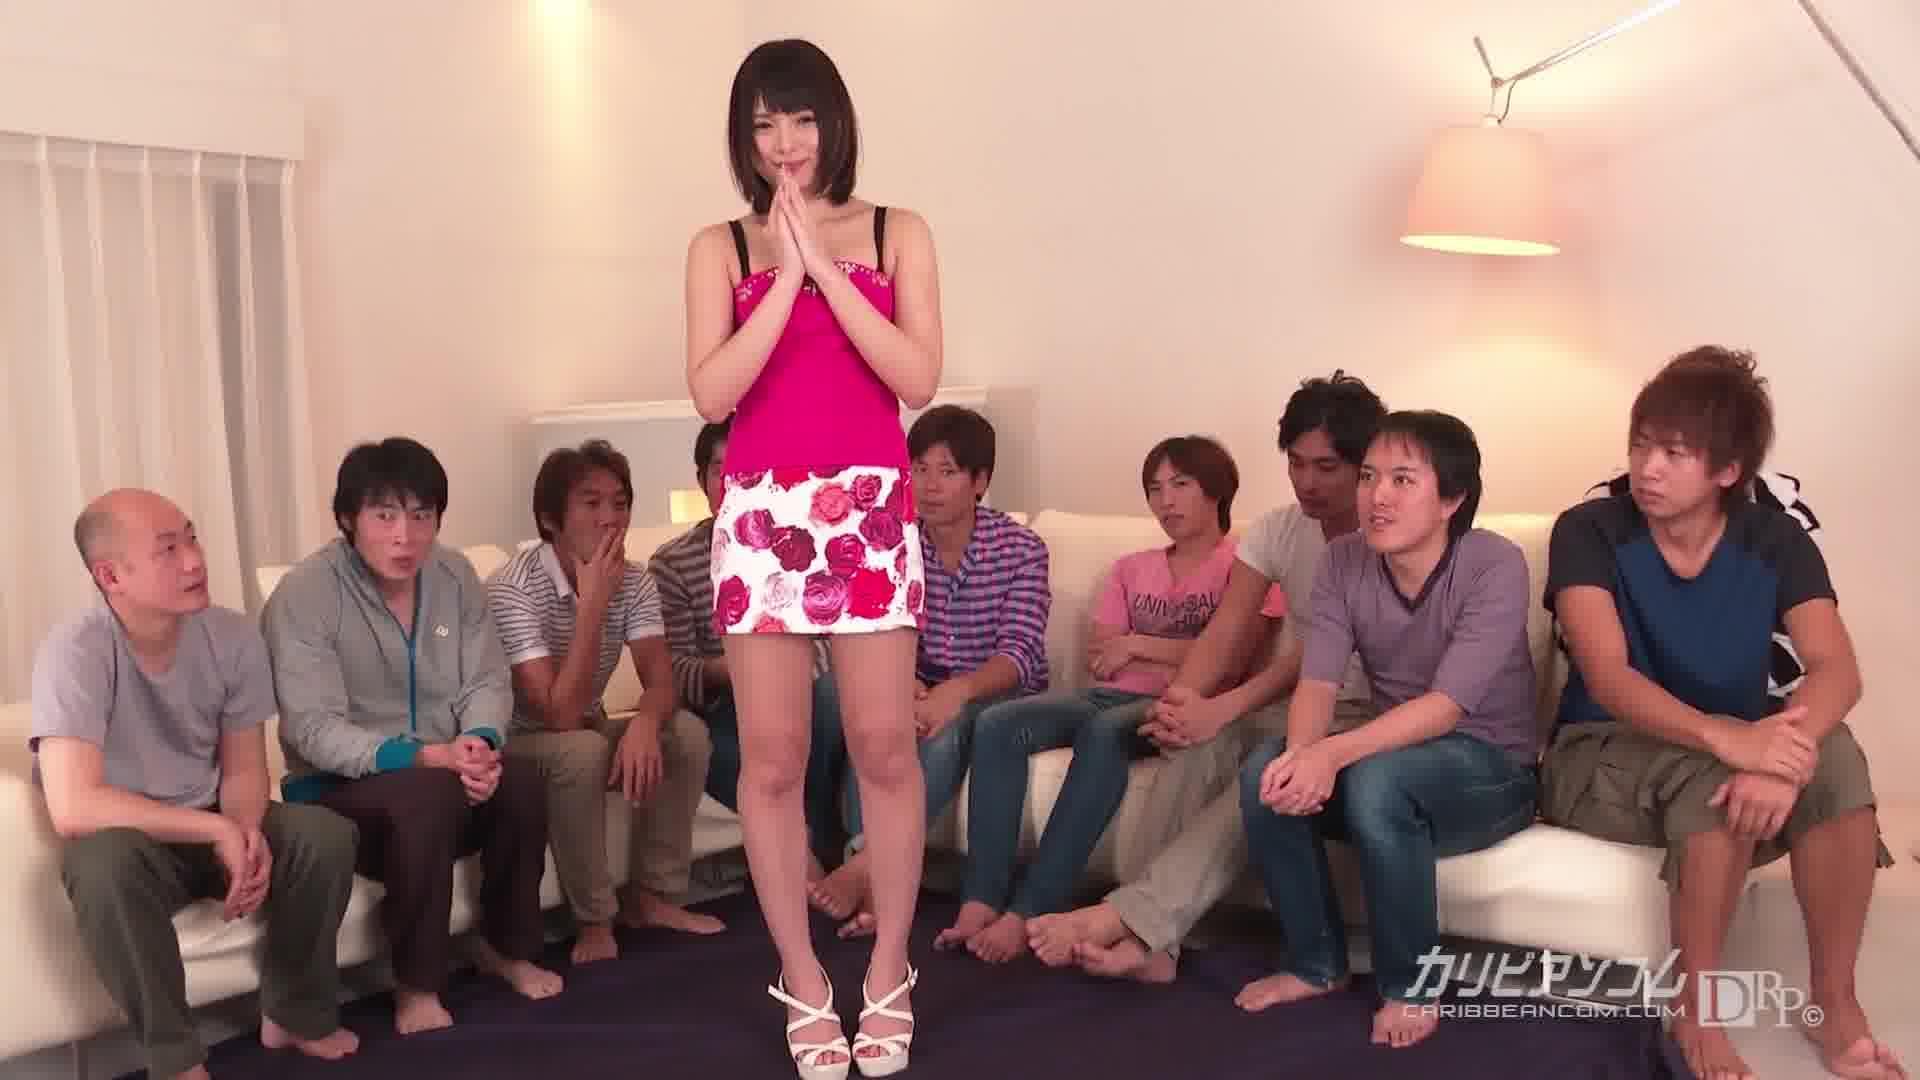 みほのファン感謝祭 ~セックスができる権利争奪戦~ - みほの【ぶっかけ・3P・中出し】